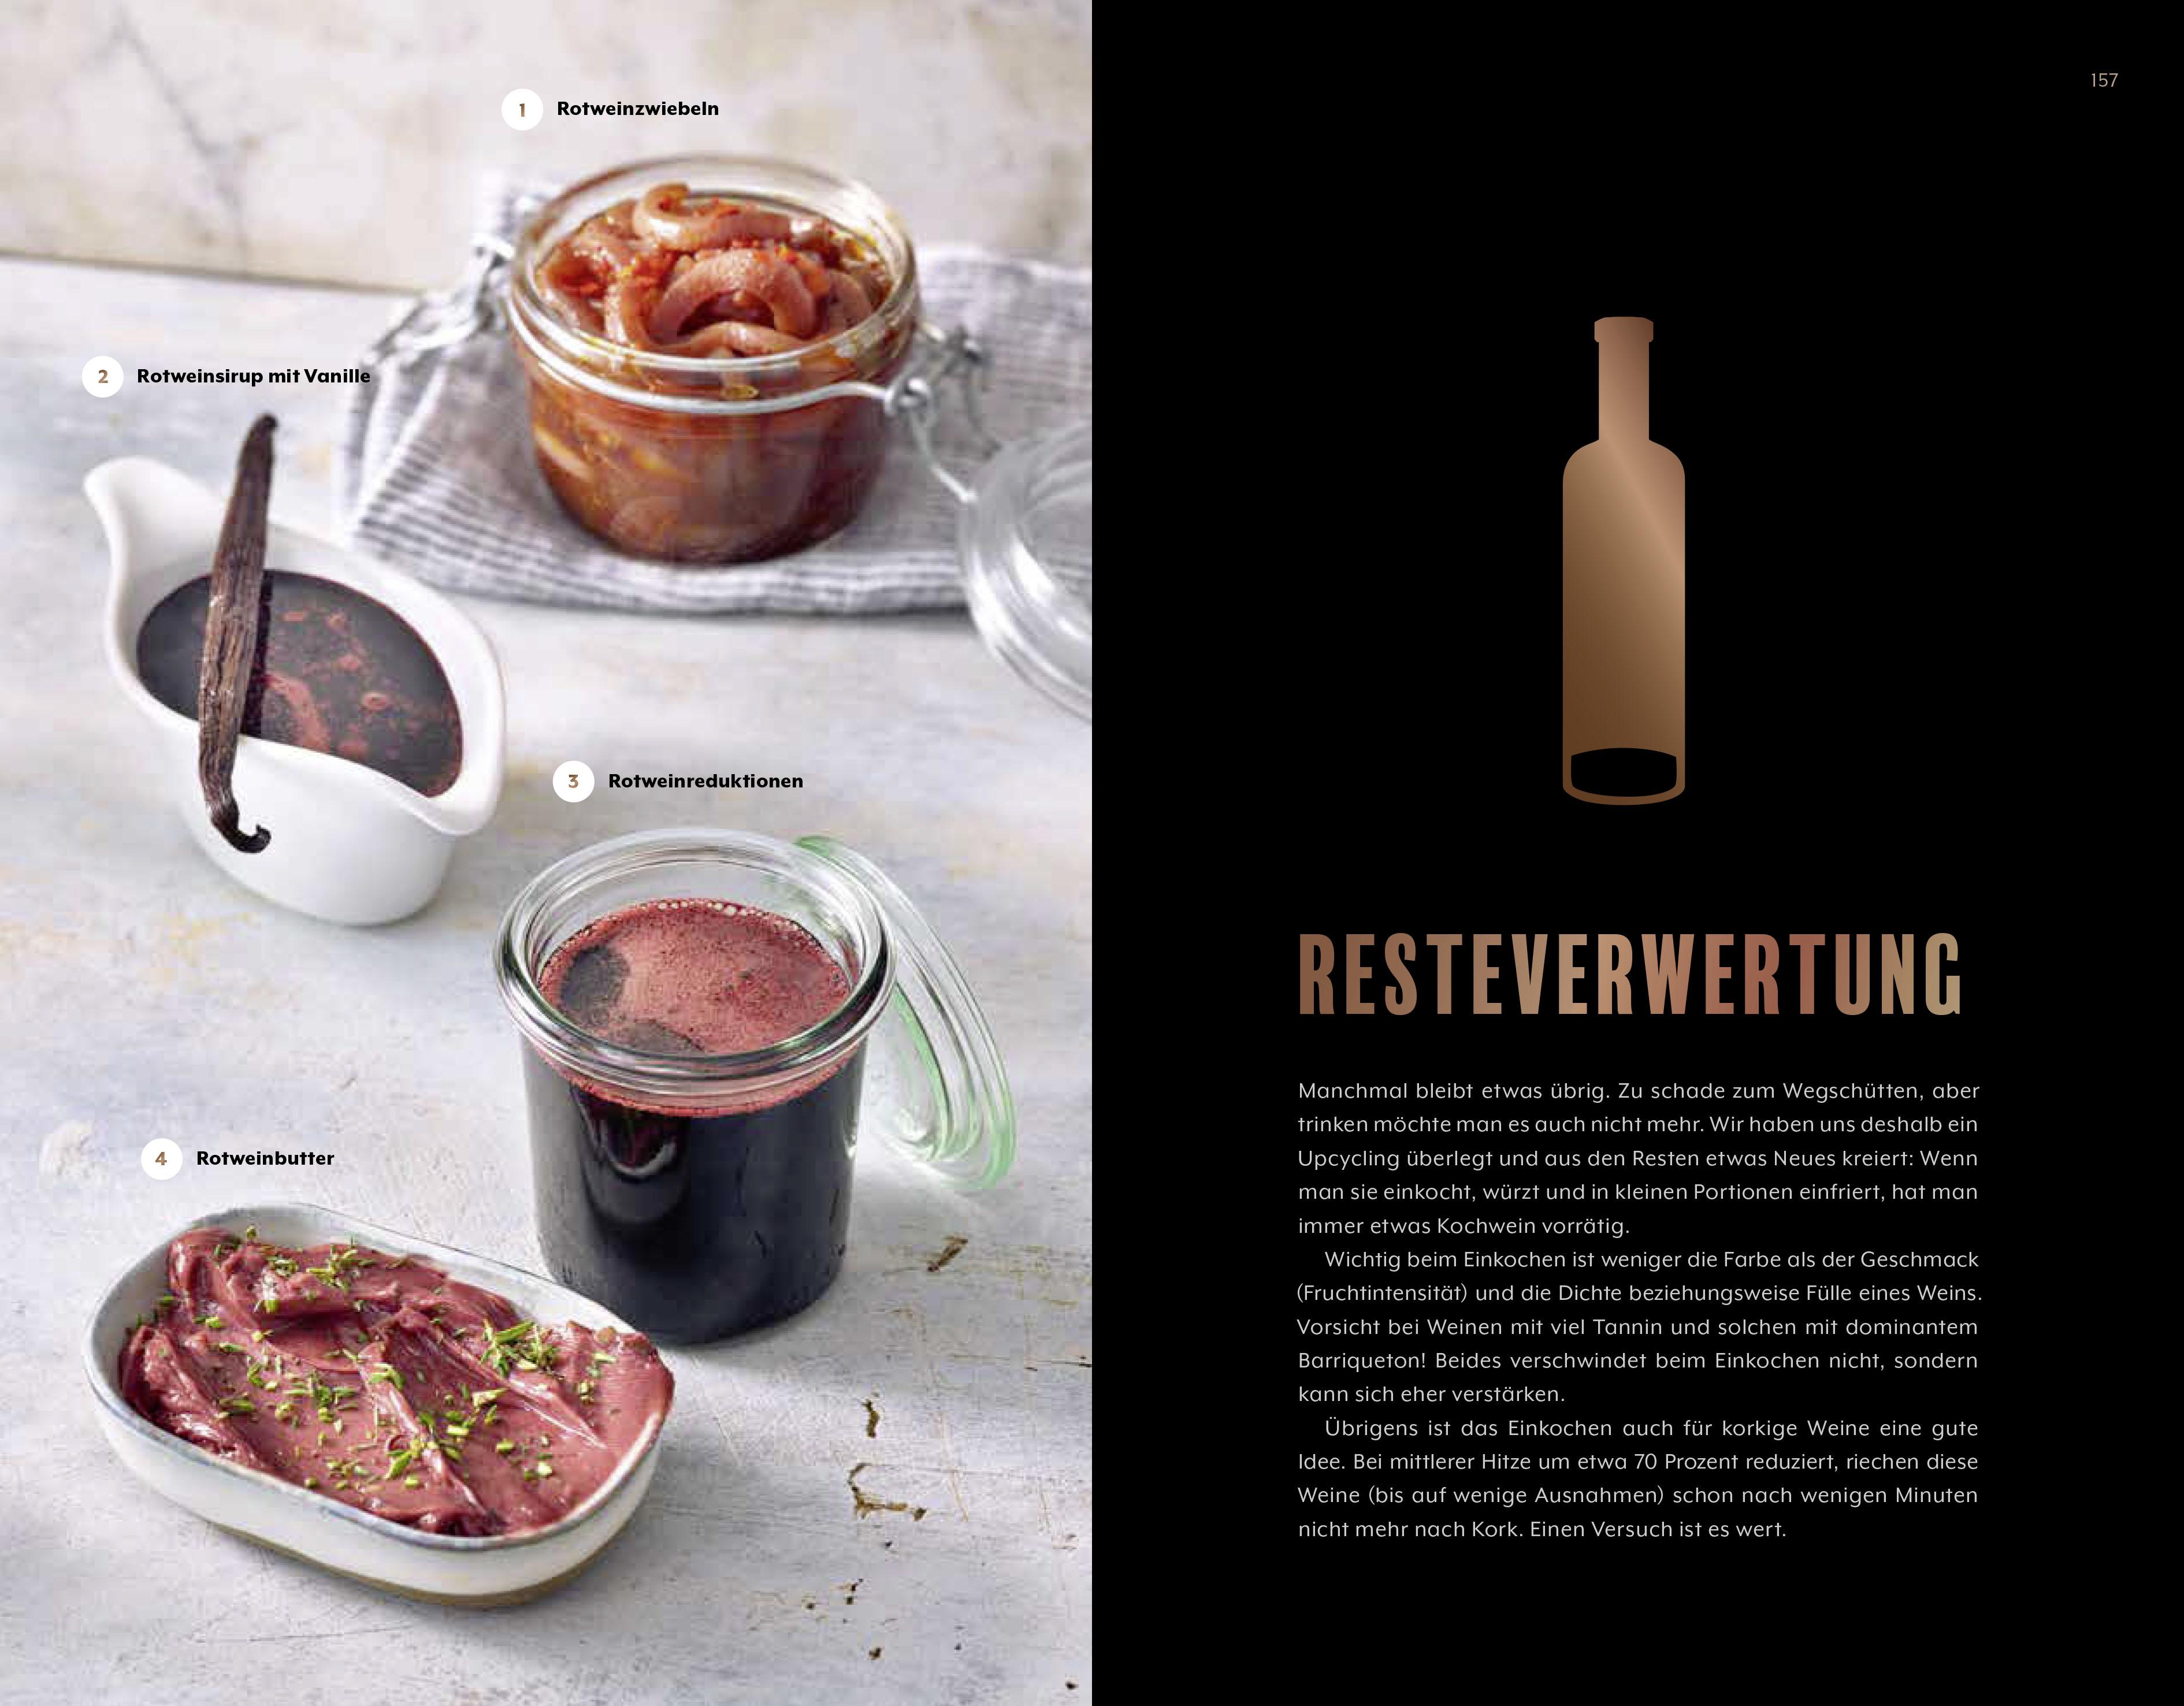 Rezepte für mehr Weingenuss